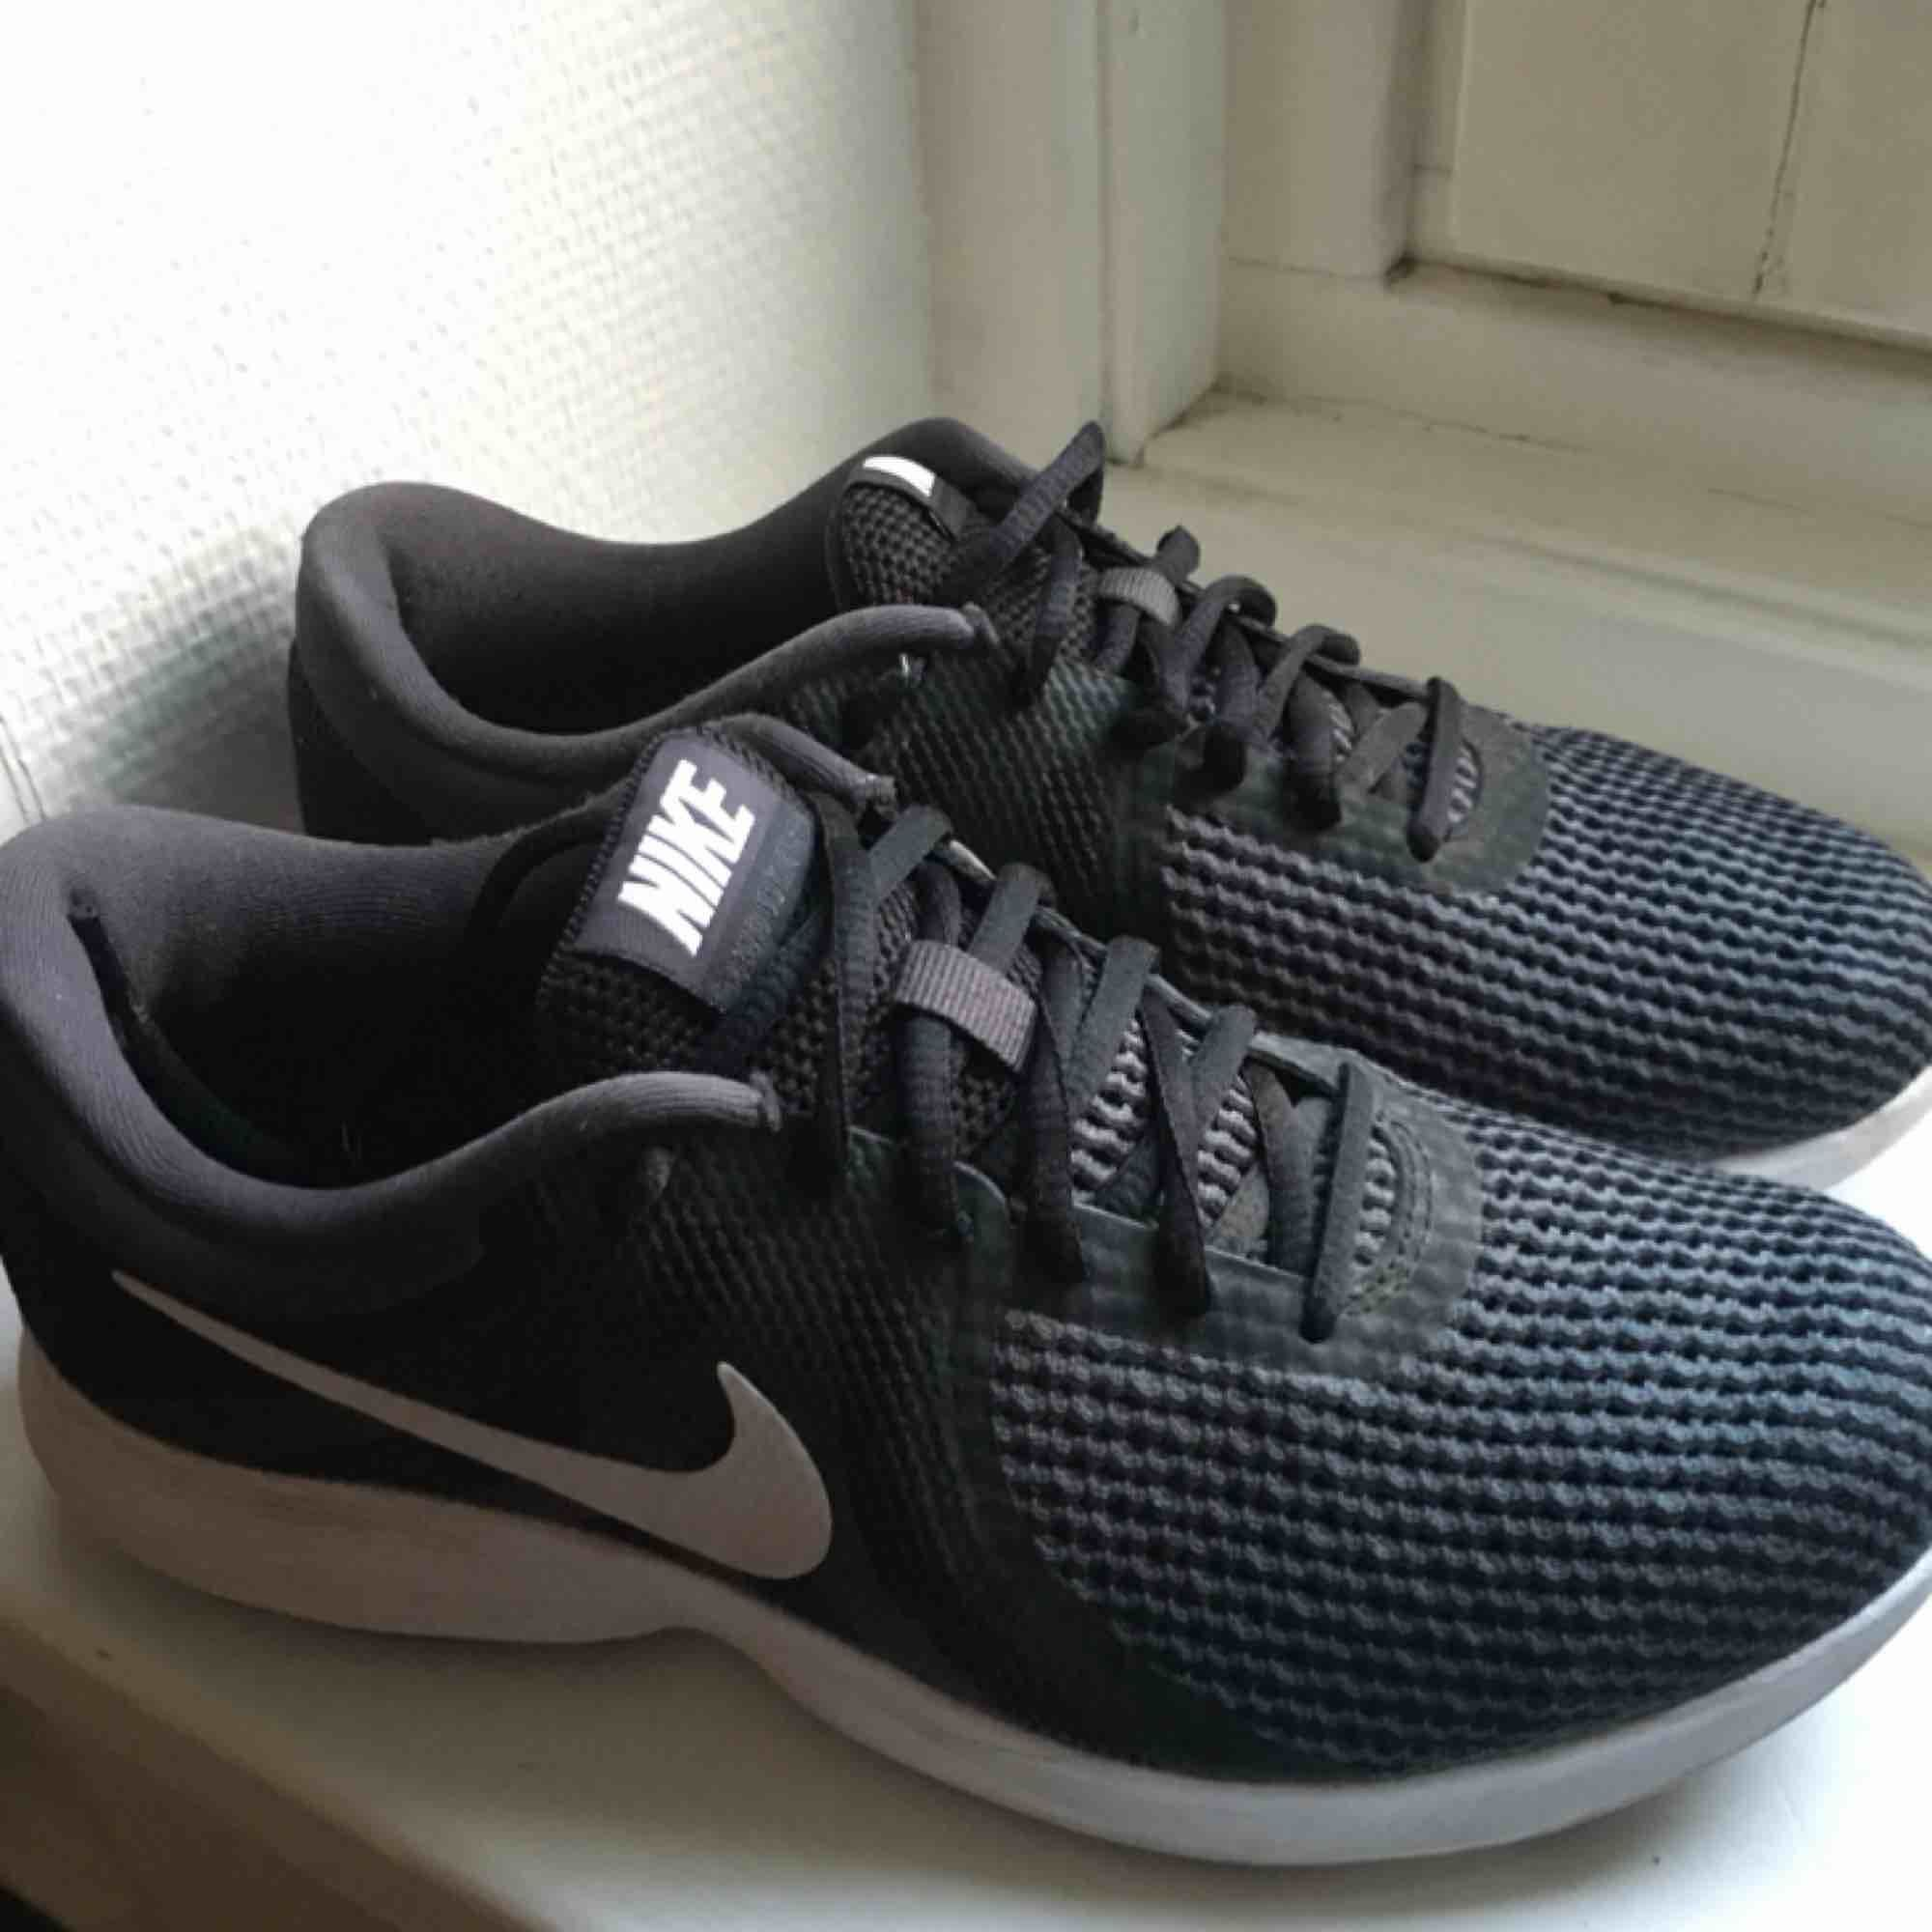 Nike träningsskor / sneakers i fint skick! Jag har använt dem ganska sparsamt men då både till vardags å promenad! Väldigt sköna och snygga. Storlek 39. . Skor.